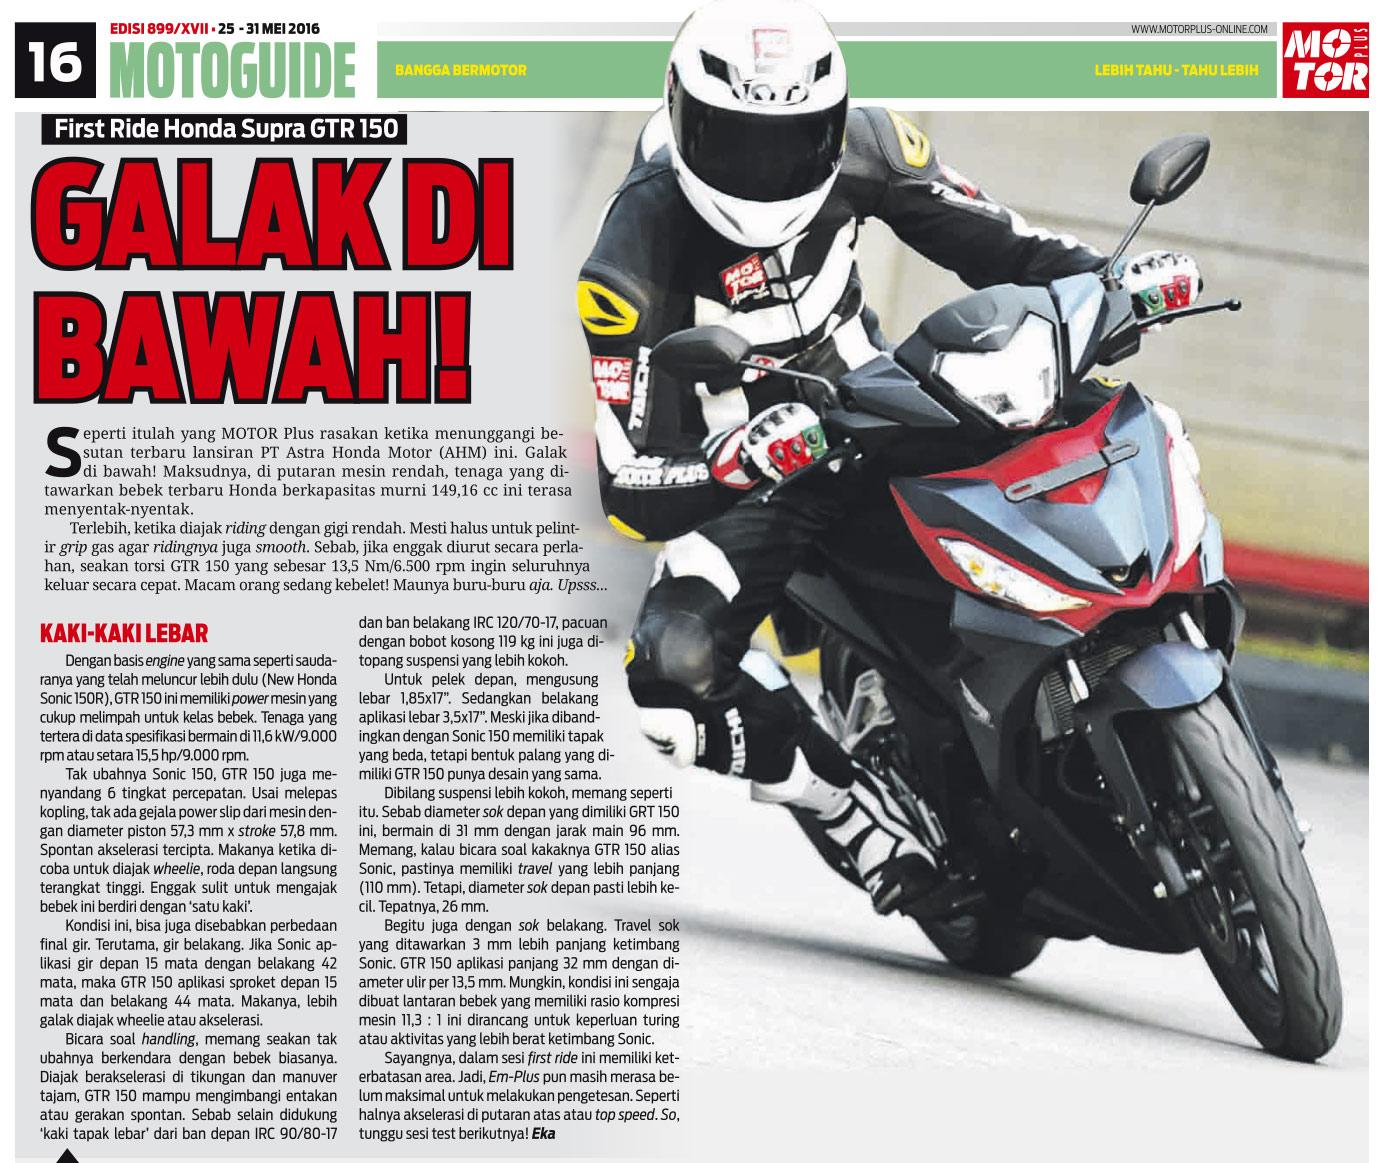 Honda Supra GTR 150 Galak Di RPM Bawah Menurut MotorPlus Motorpacu